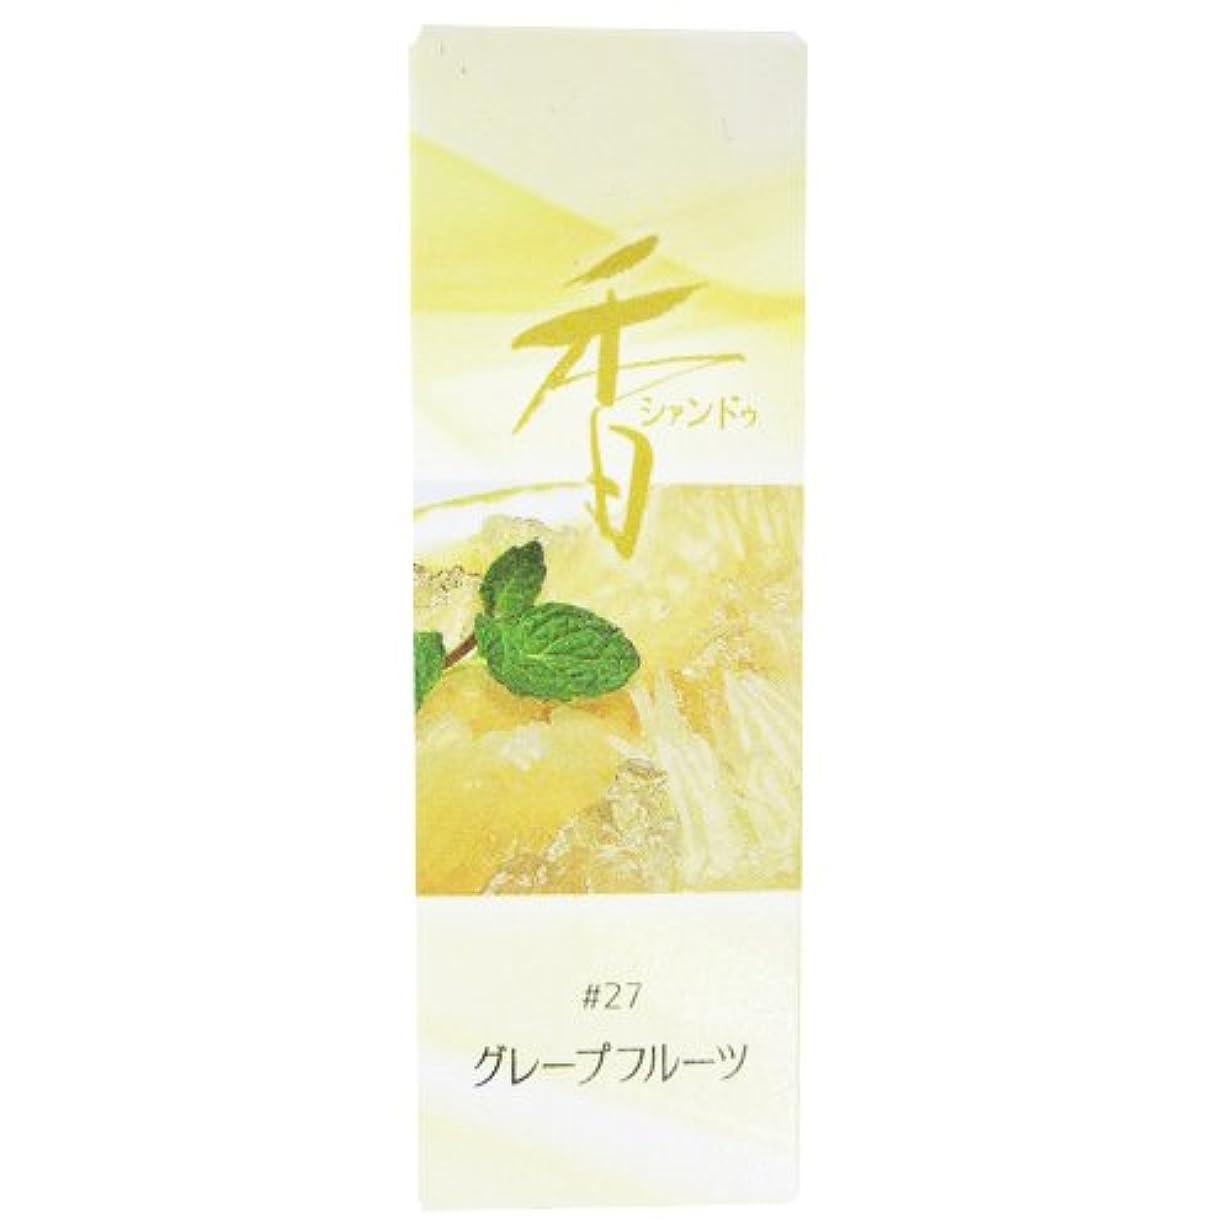 ルーム忠誠松栄堂のお香 Xiang Do(シャンドゥ) グレープフルーツ ST20本入 簡易香立付 #214227